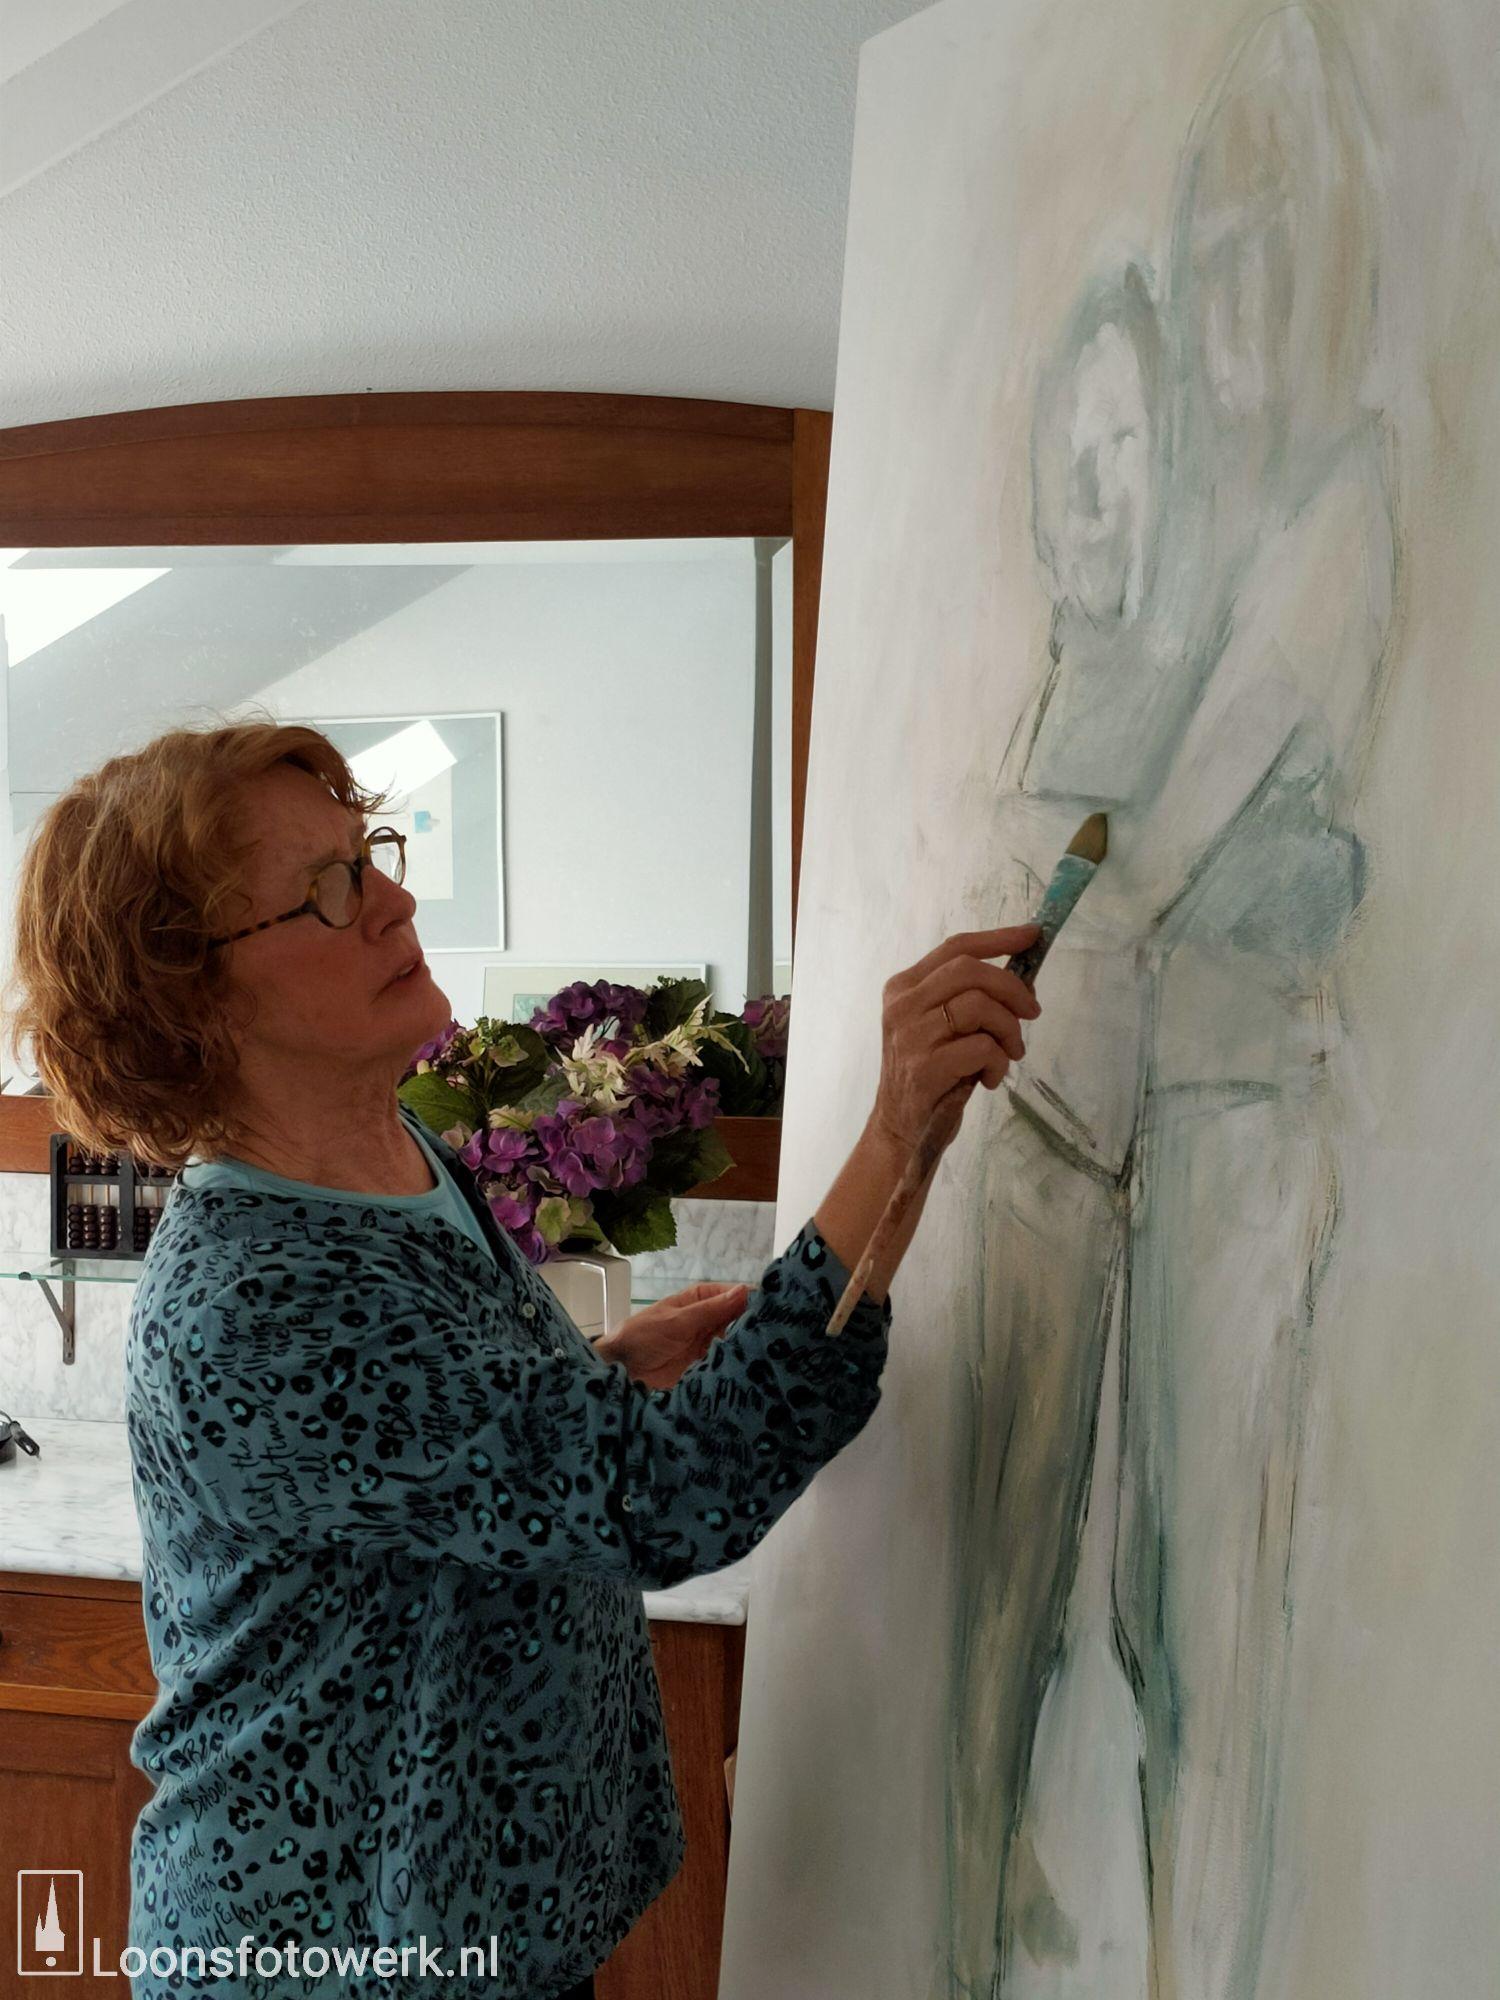 Els Smulders - Waijers, kunstenares in hart en nieren 11